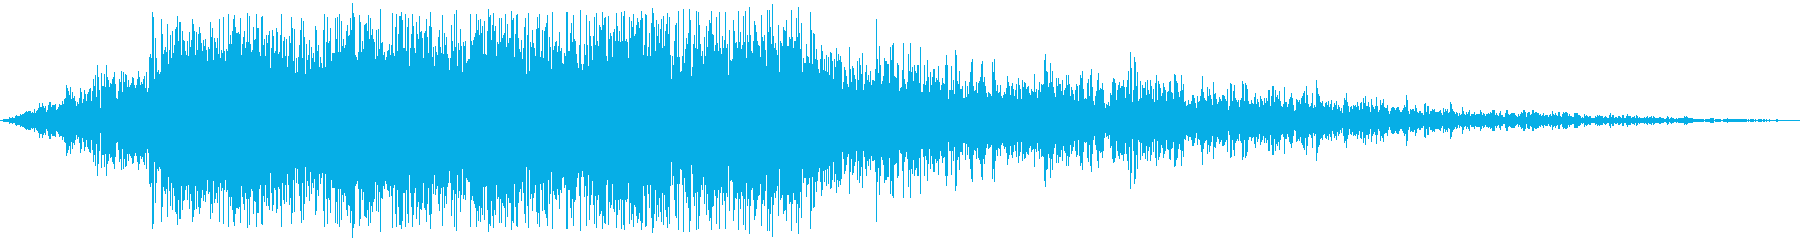 旅客機近距離通過(癖のない音)の再生済みの波形